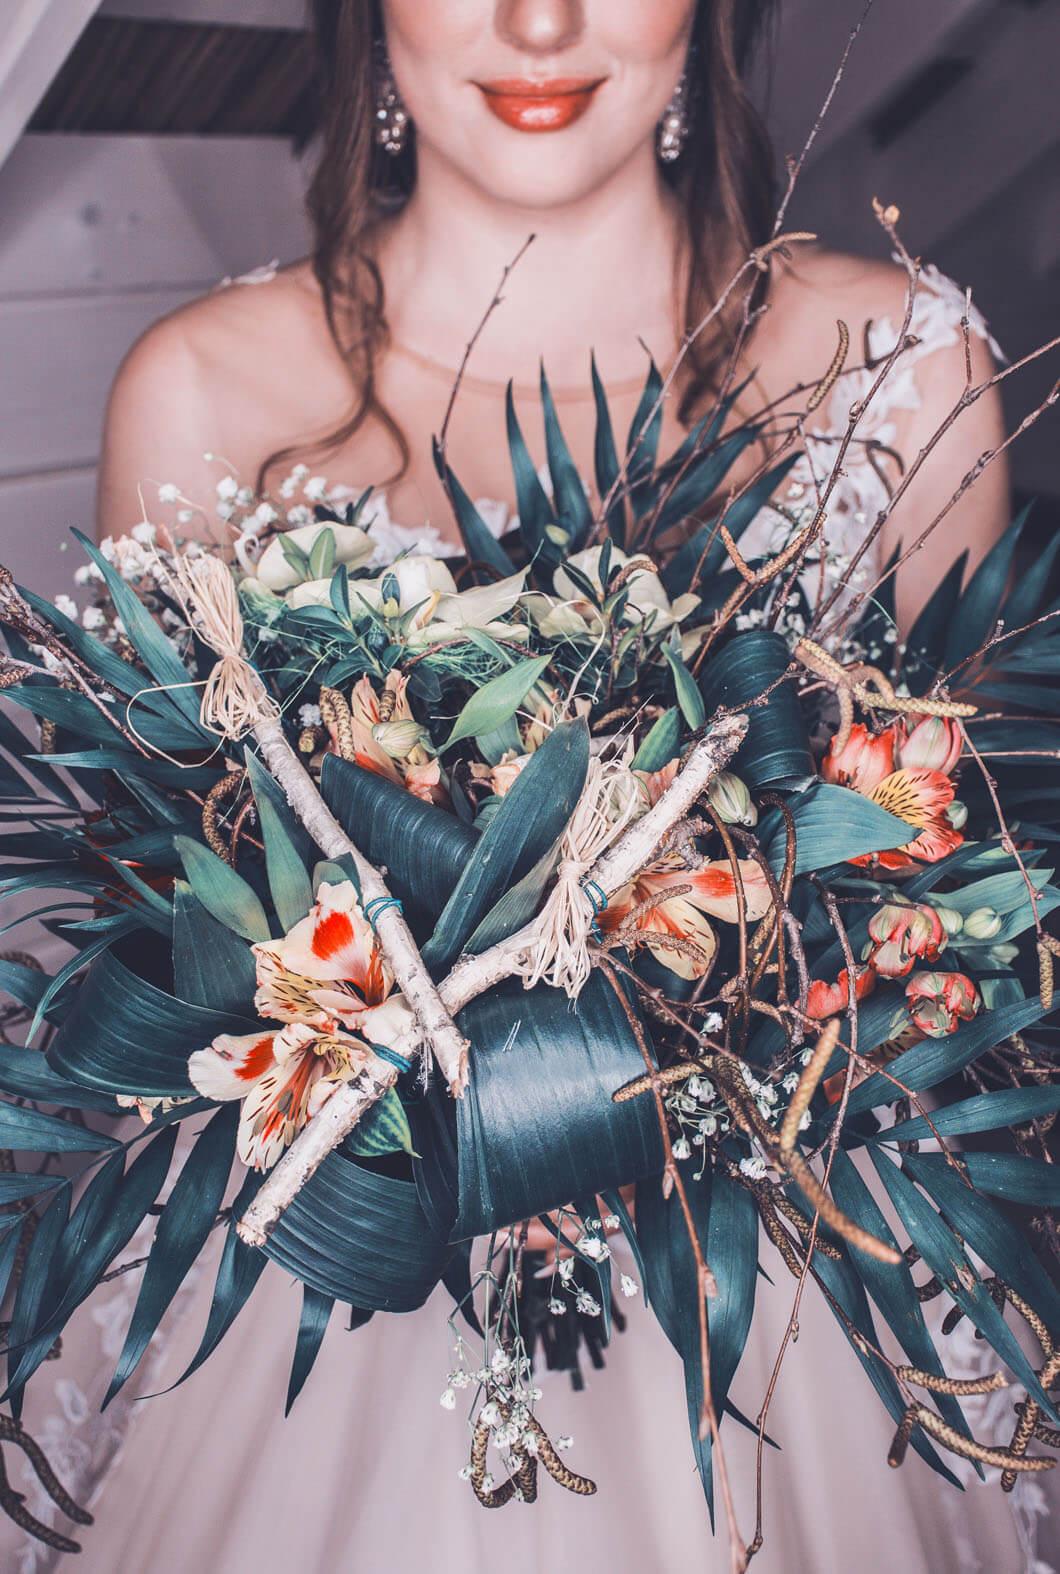 bruden visar upp häftig bröllopsbukett